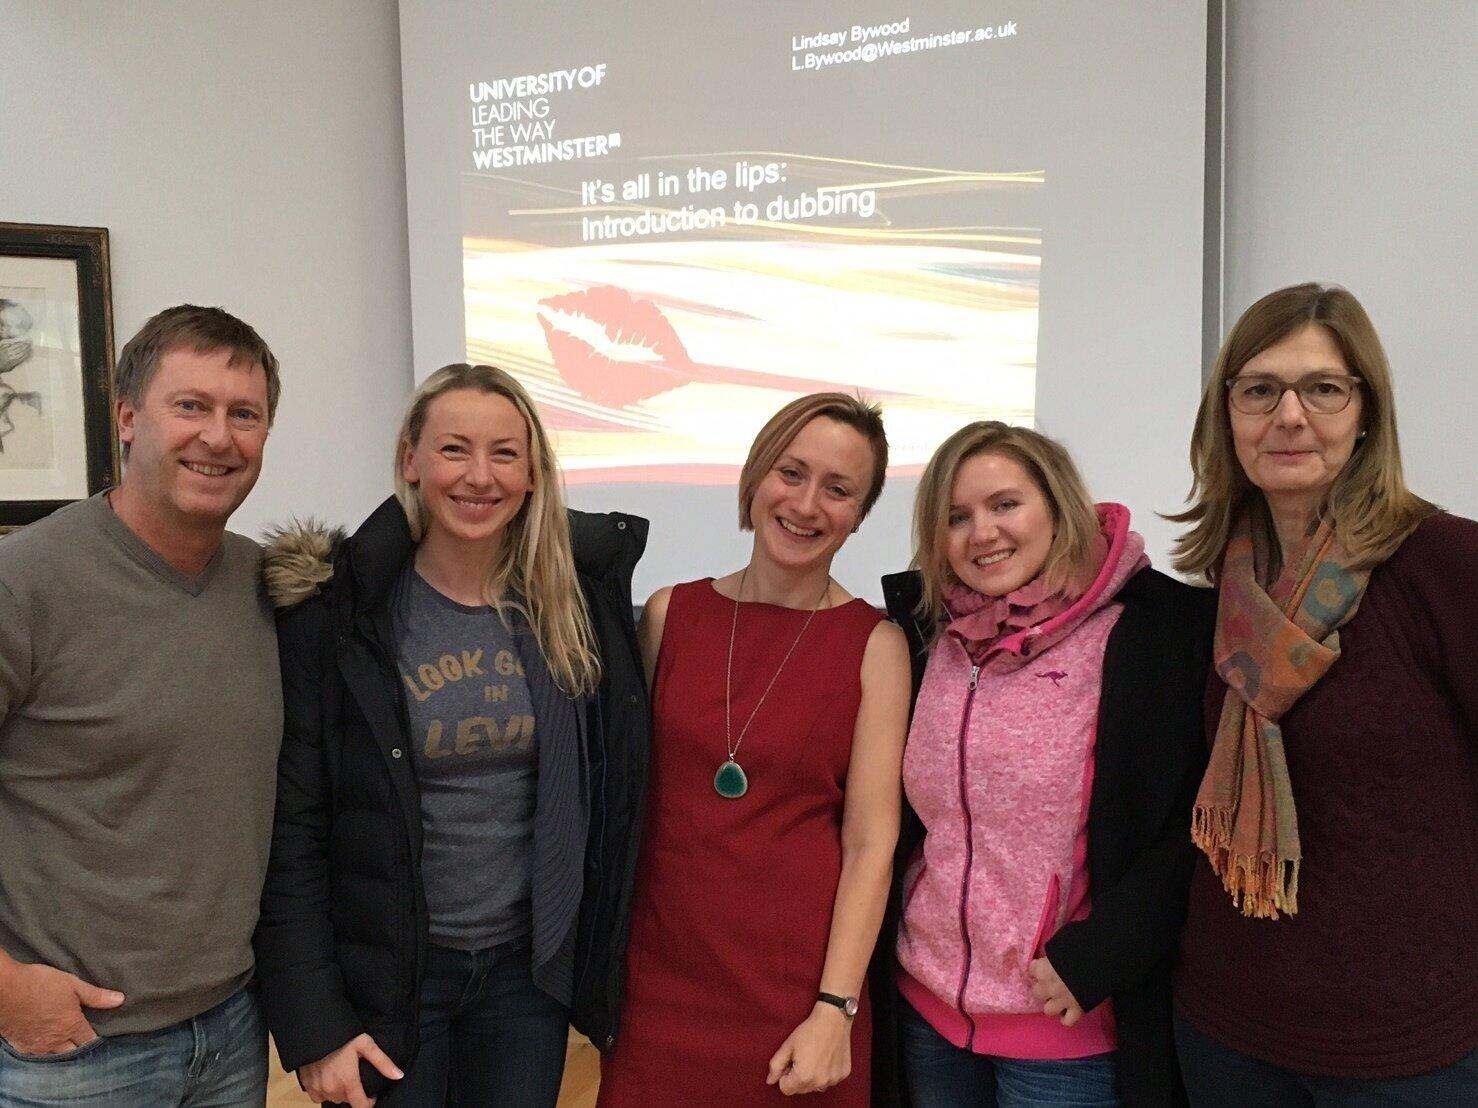 Machine Translation und Post editing - herausforderung und chance für übersetzer mit Dr. Lindsay Bywood - University of Westminster